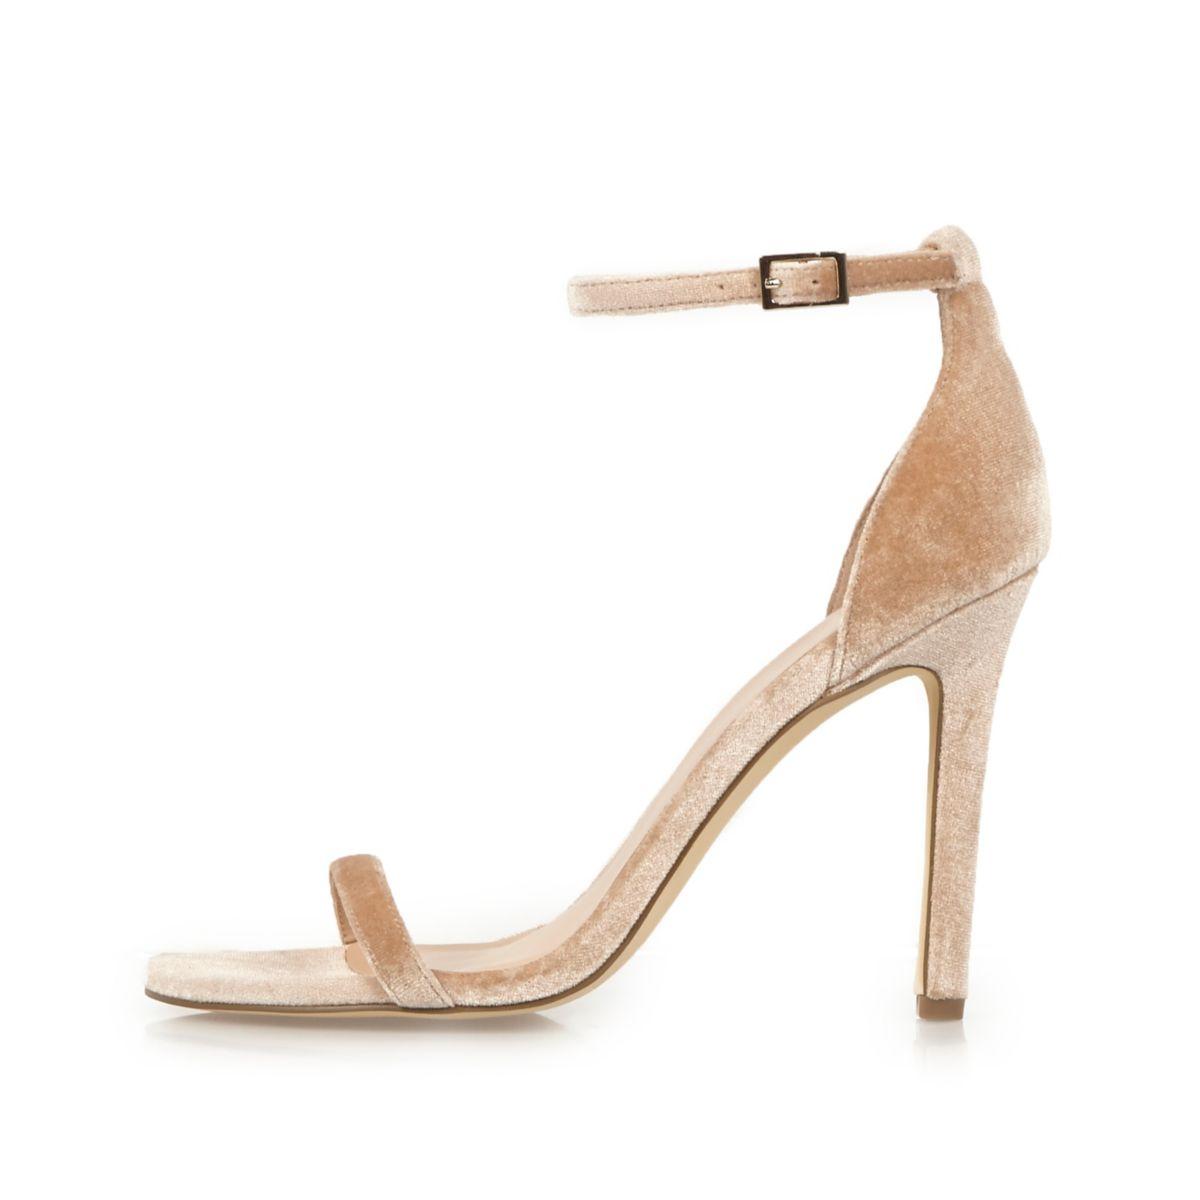 Sandales minimalistes en velours chair à talons